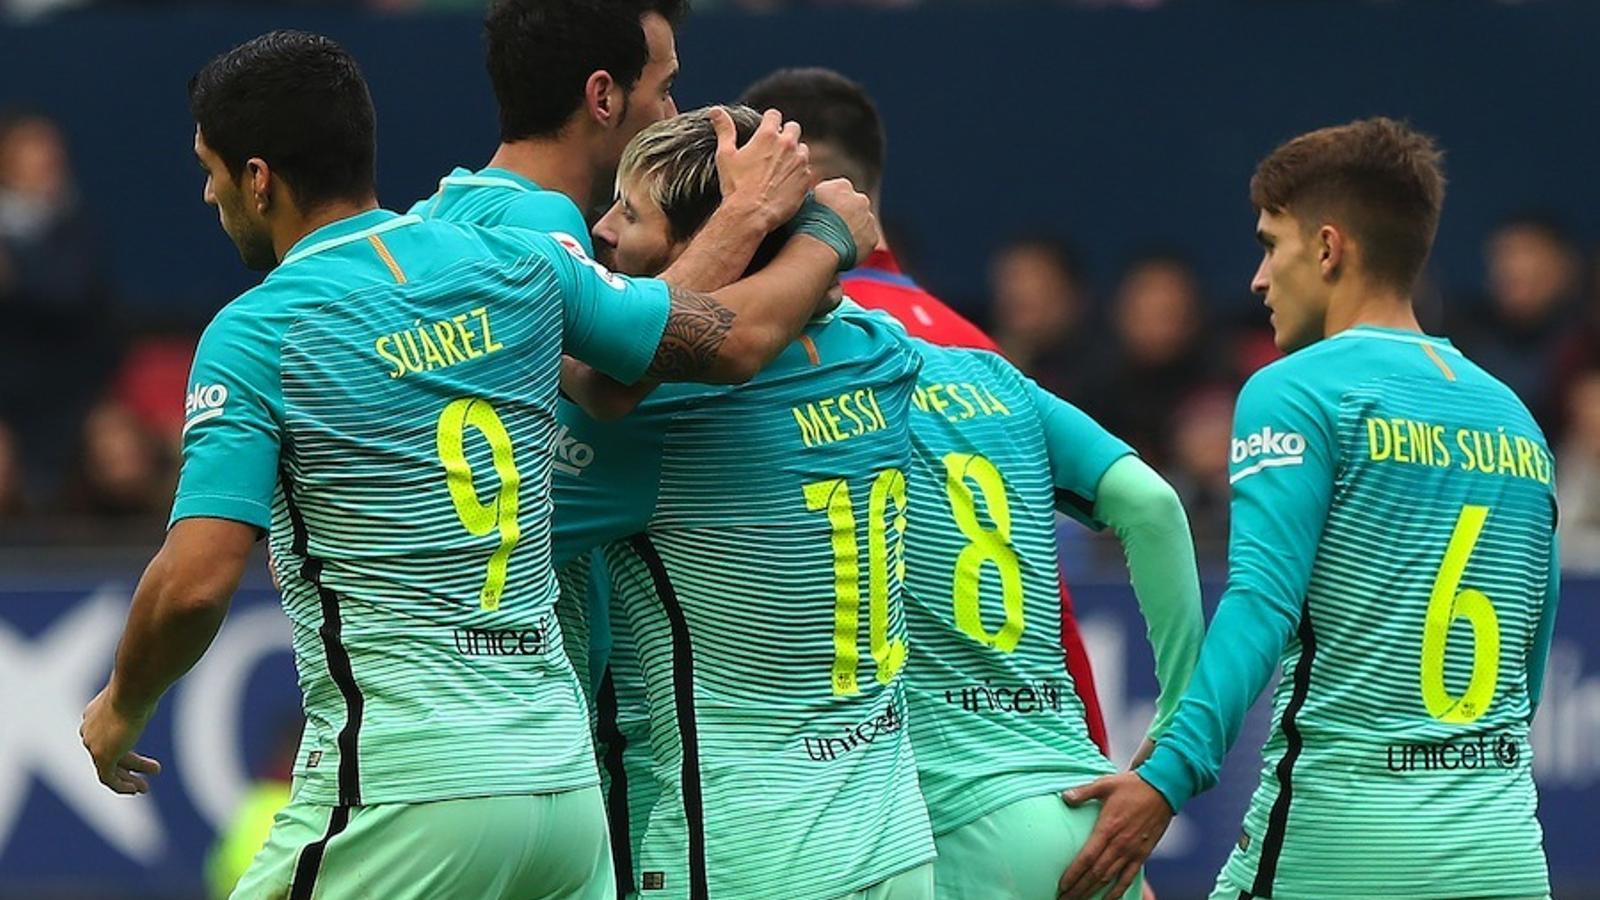 Celebració del Barça